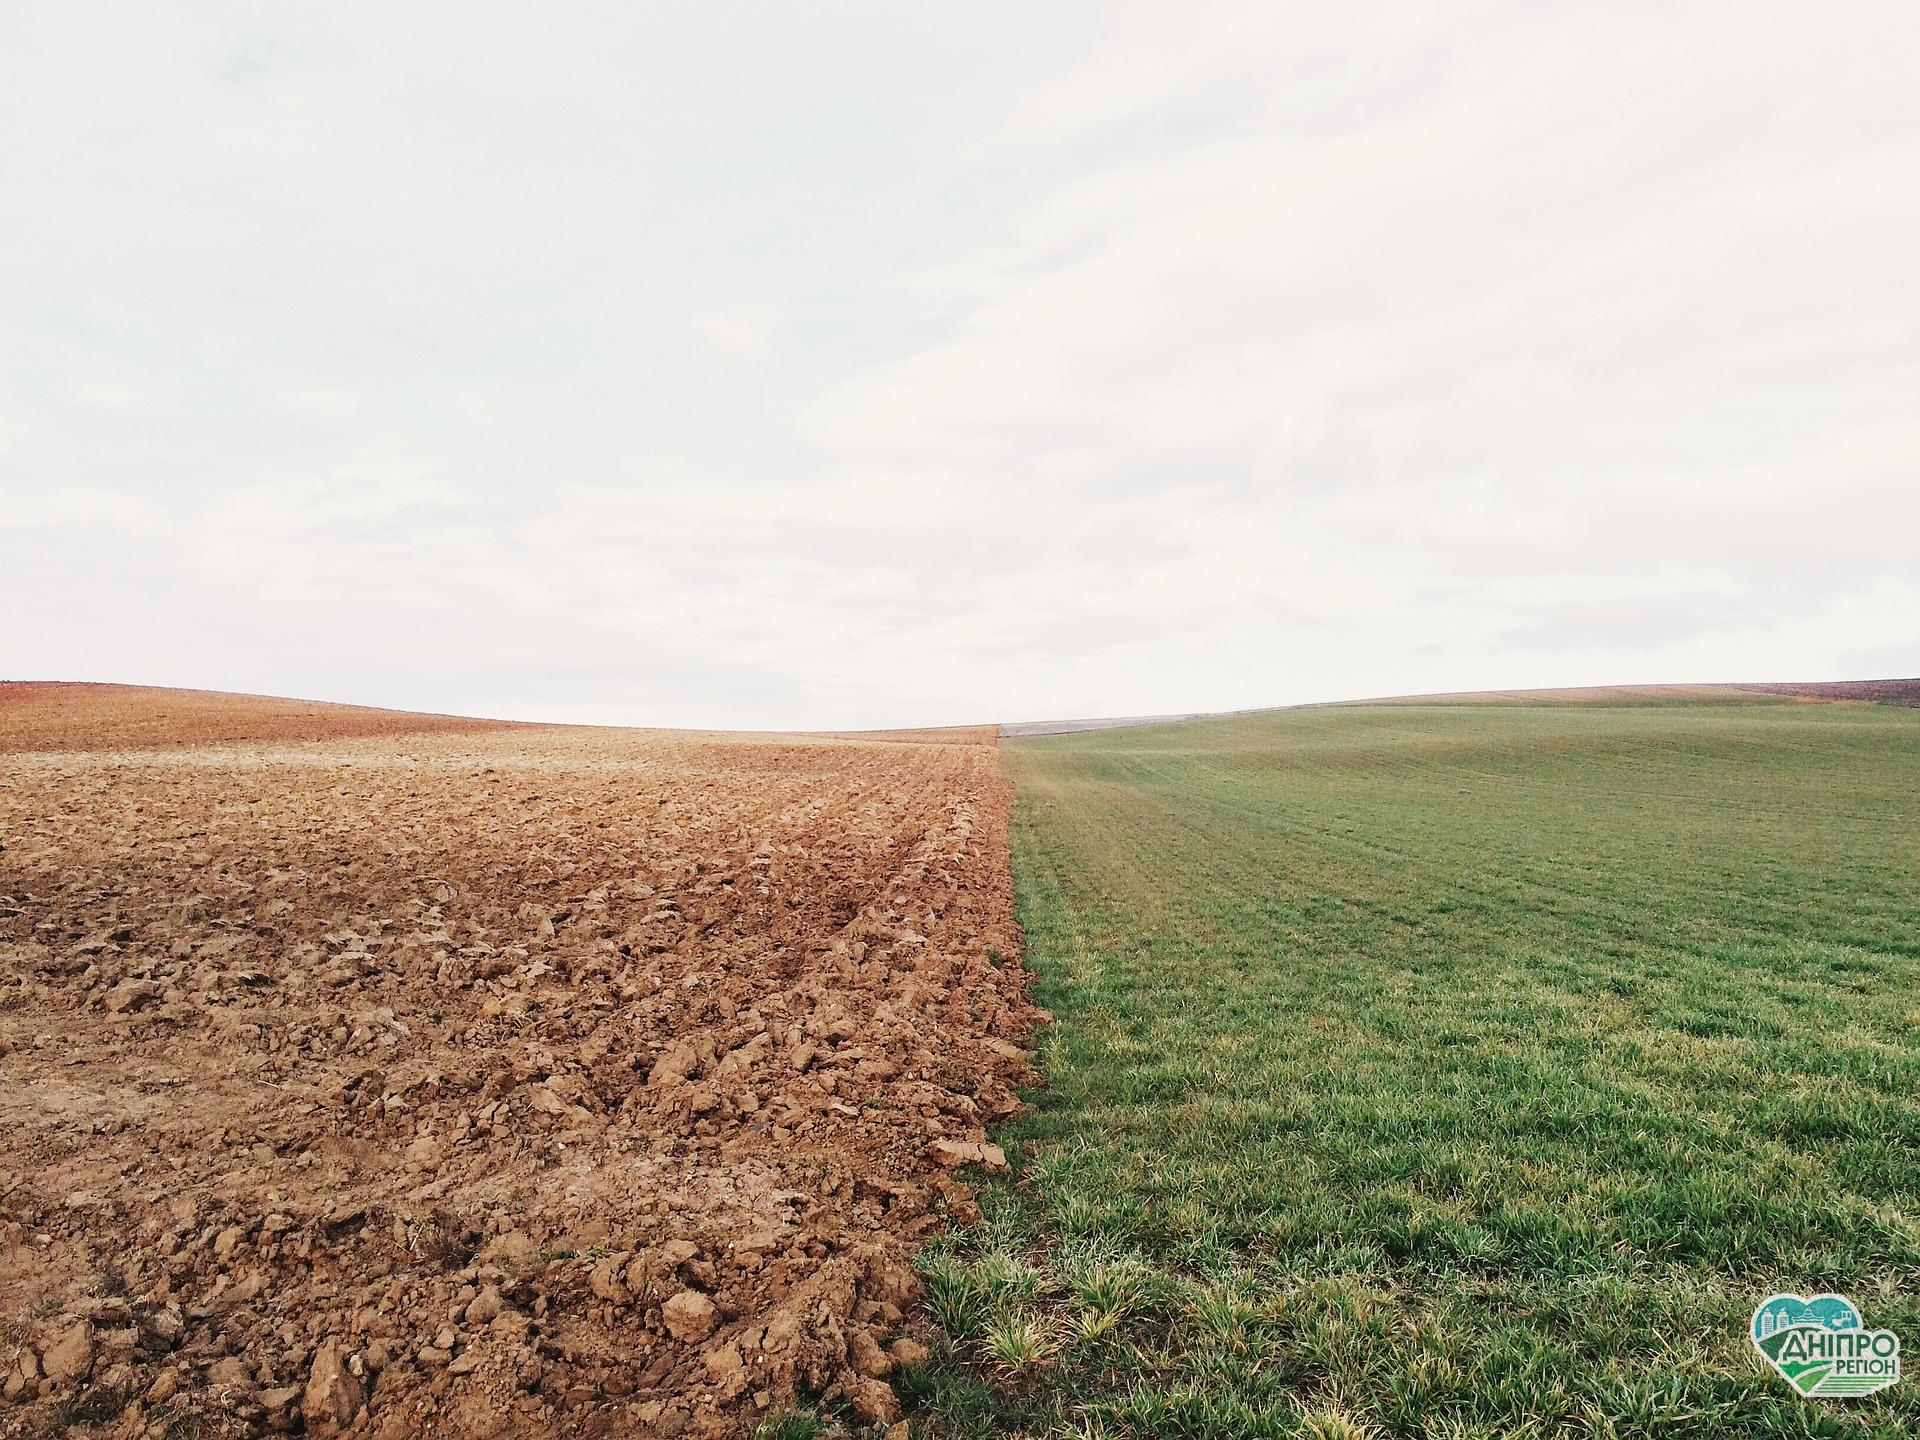 На Дніпропетровщині прокуратура вимагає від фермерського господарства повернути громаді земельну ділянку